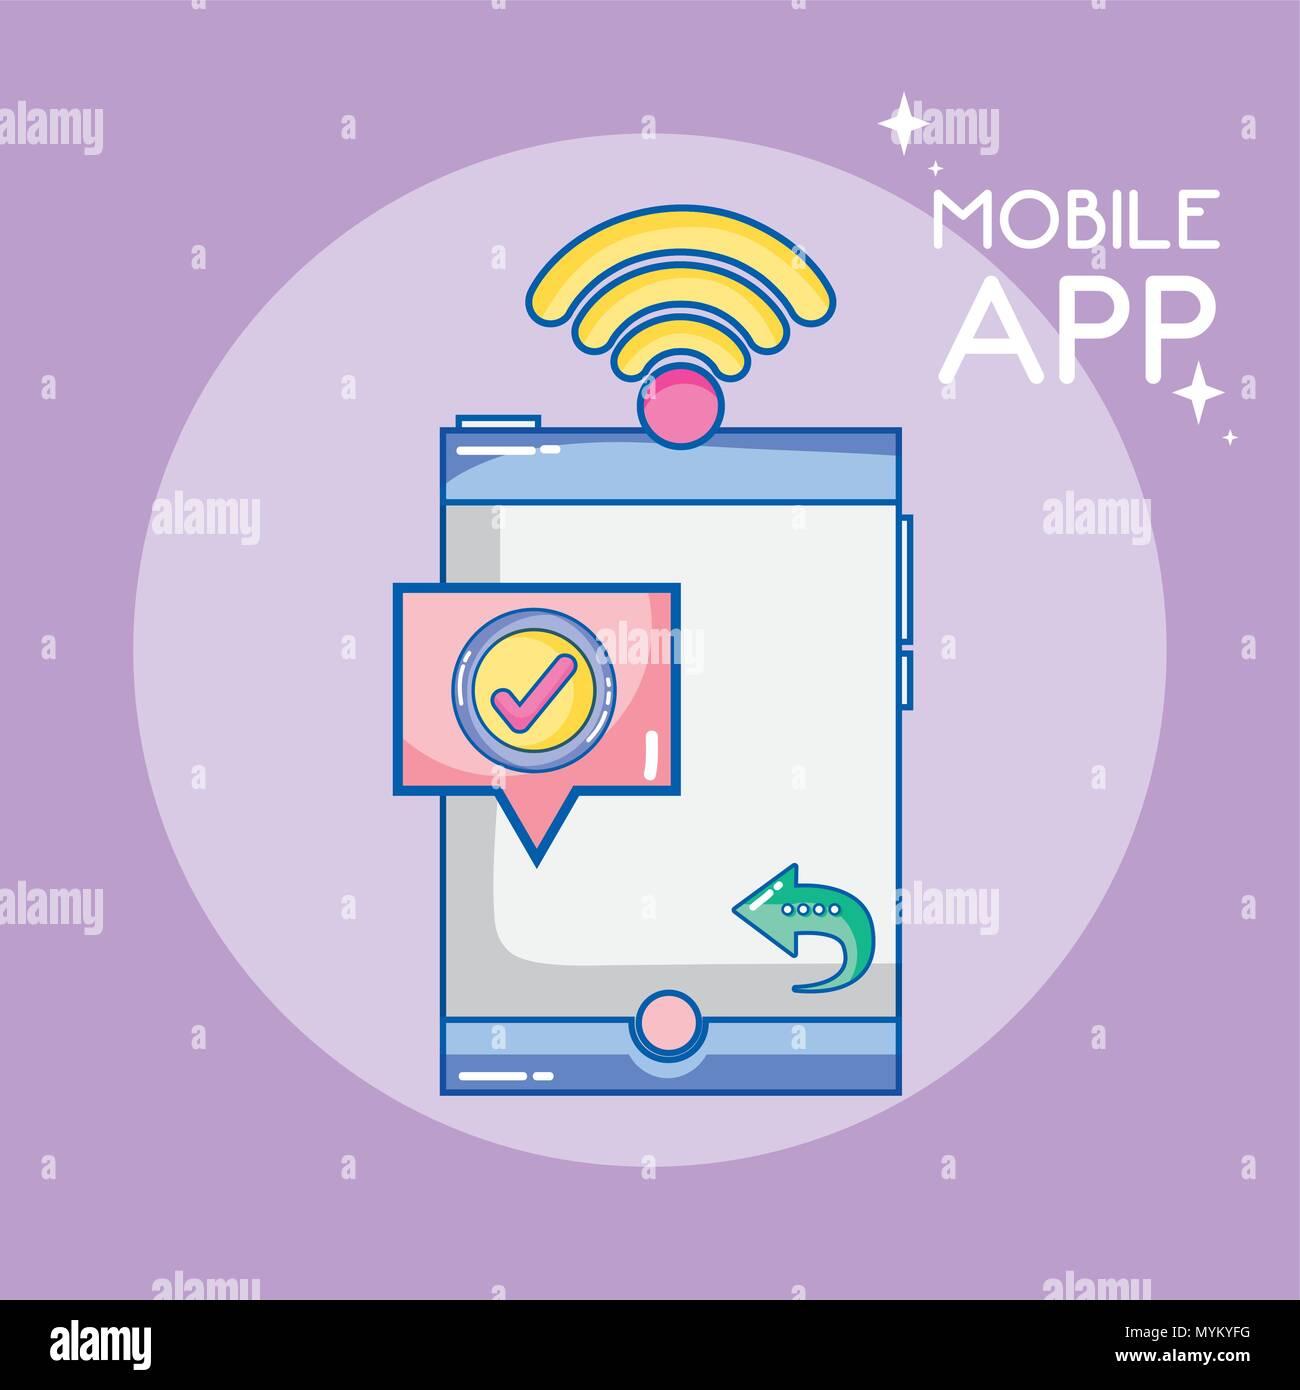 Mobile app technology Stock Vector